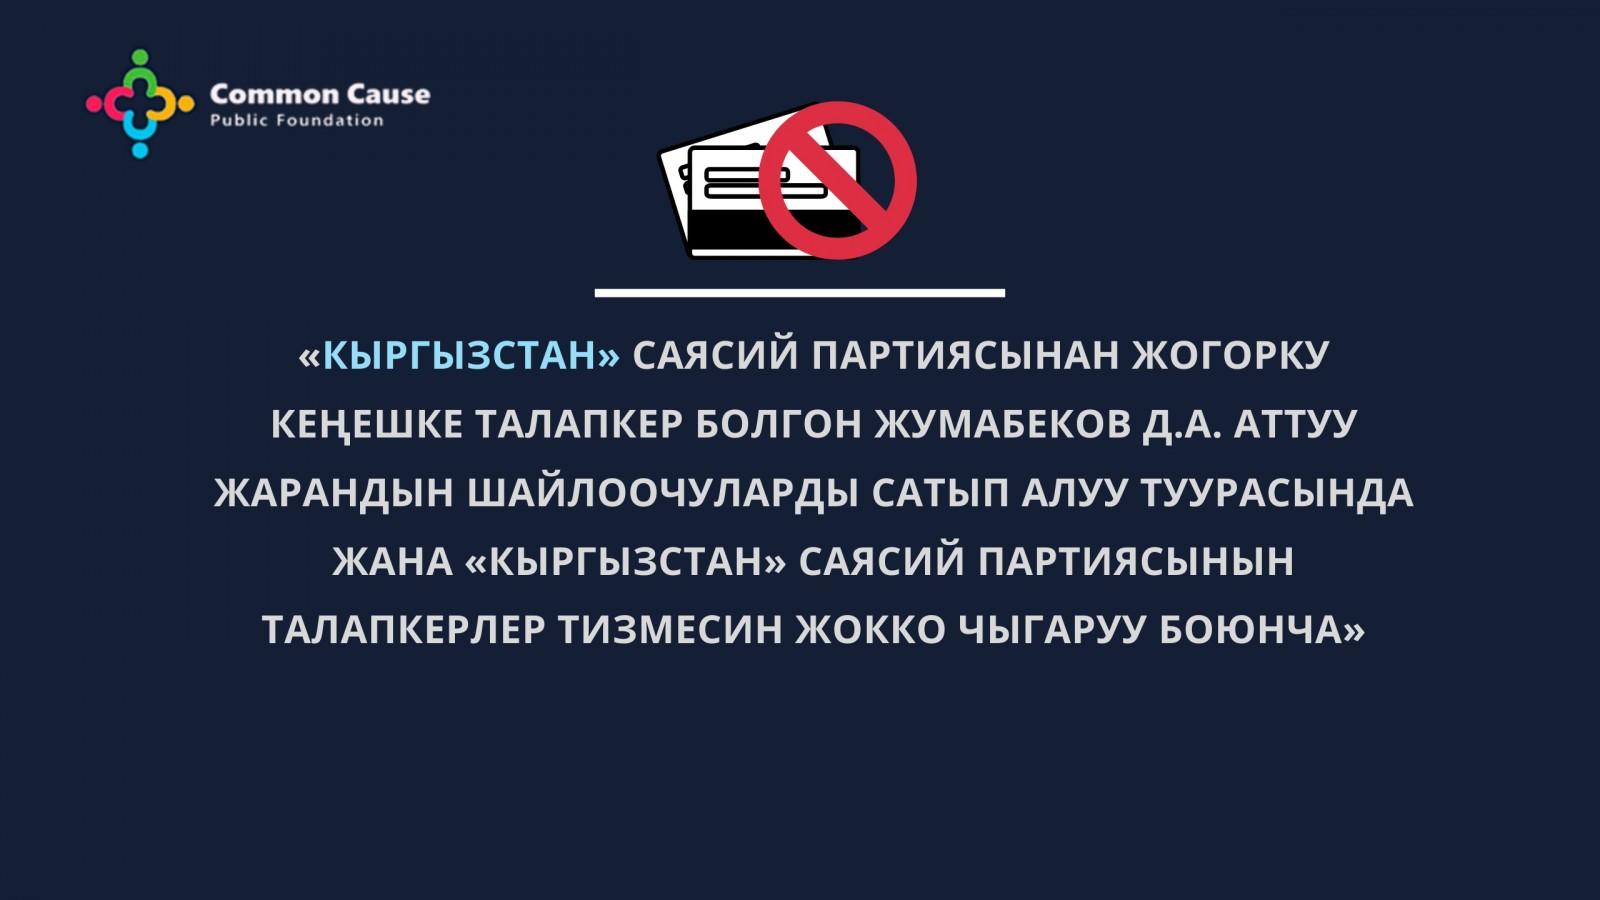 «Кыргызстан» саясий партиясынан Жогорку Кеңешке талапкер болгон Жумабеков Д.А. тууралуу